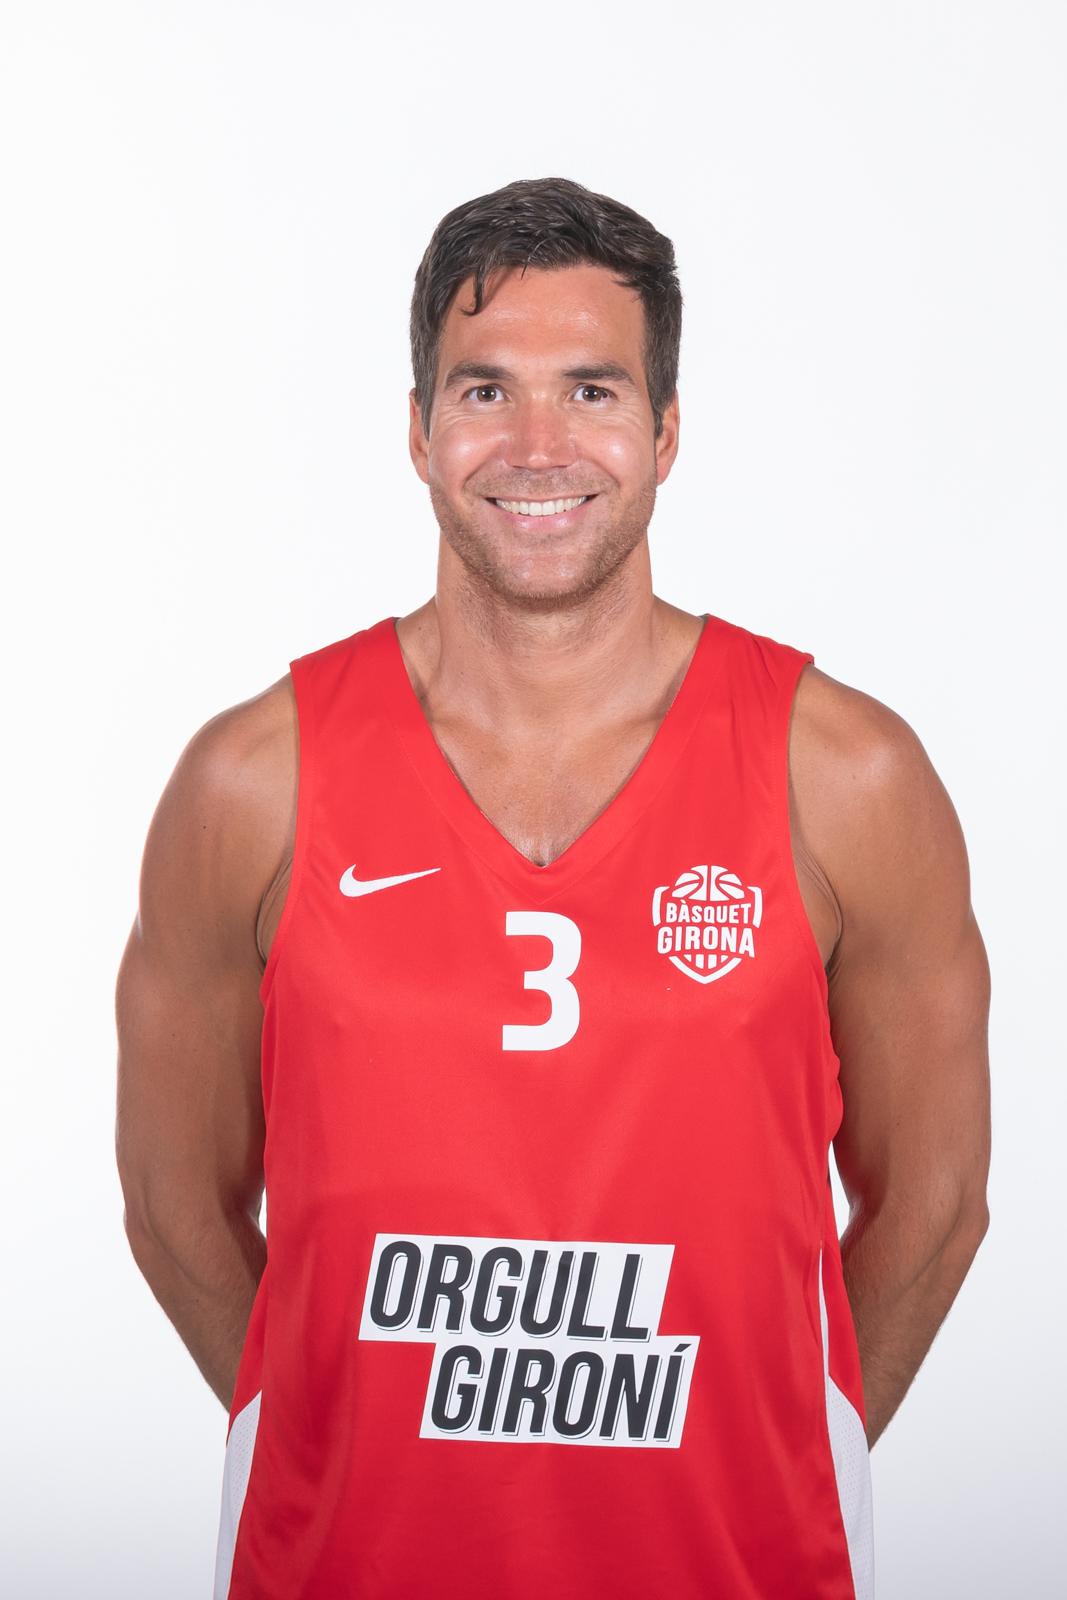 Fotografia del jugador